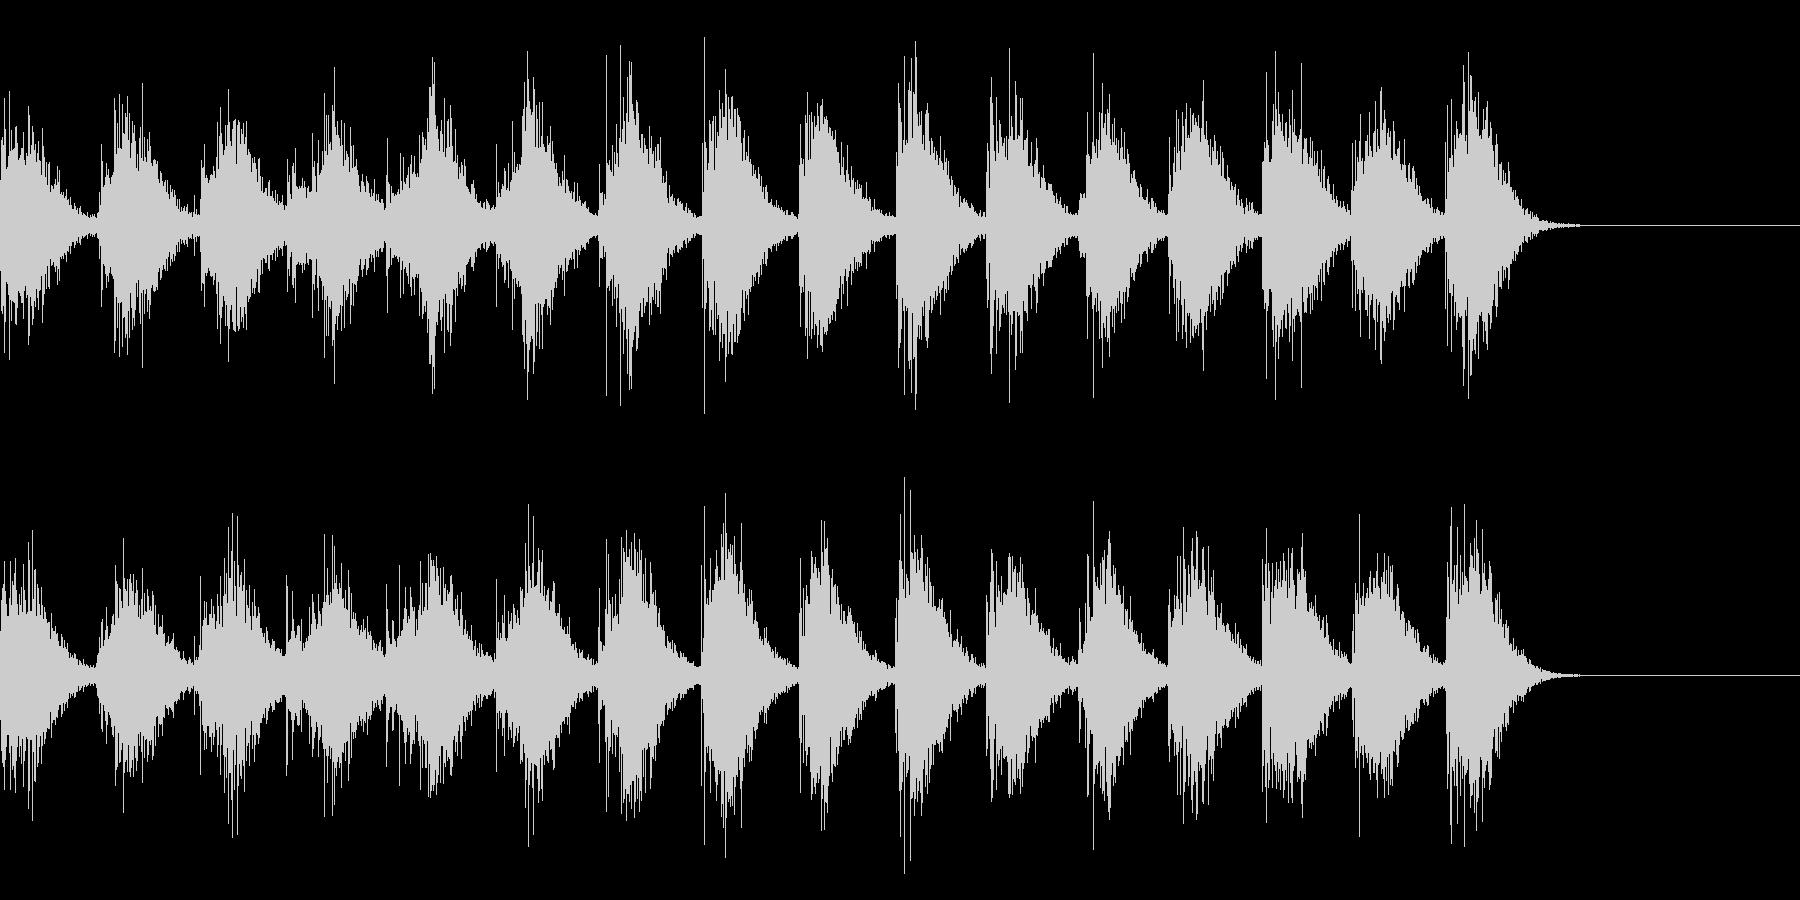 手拍子による拍手の効果音 01の未再生の波形